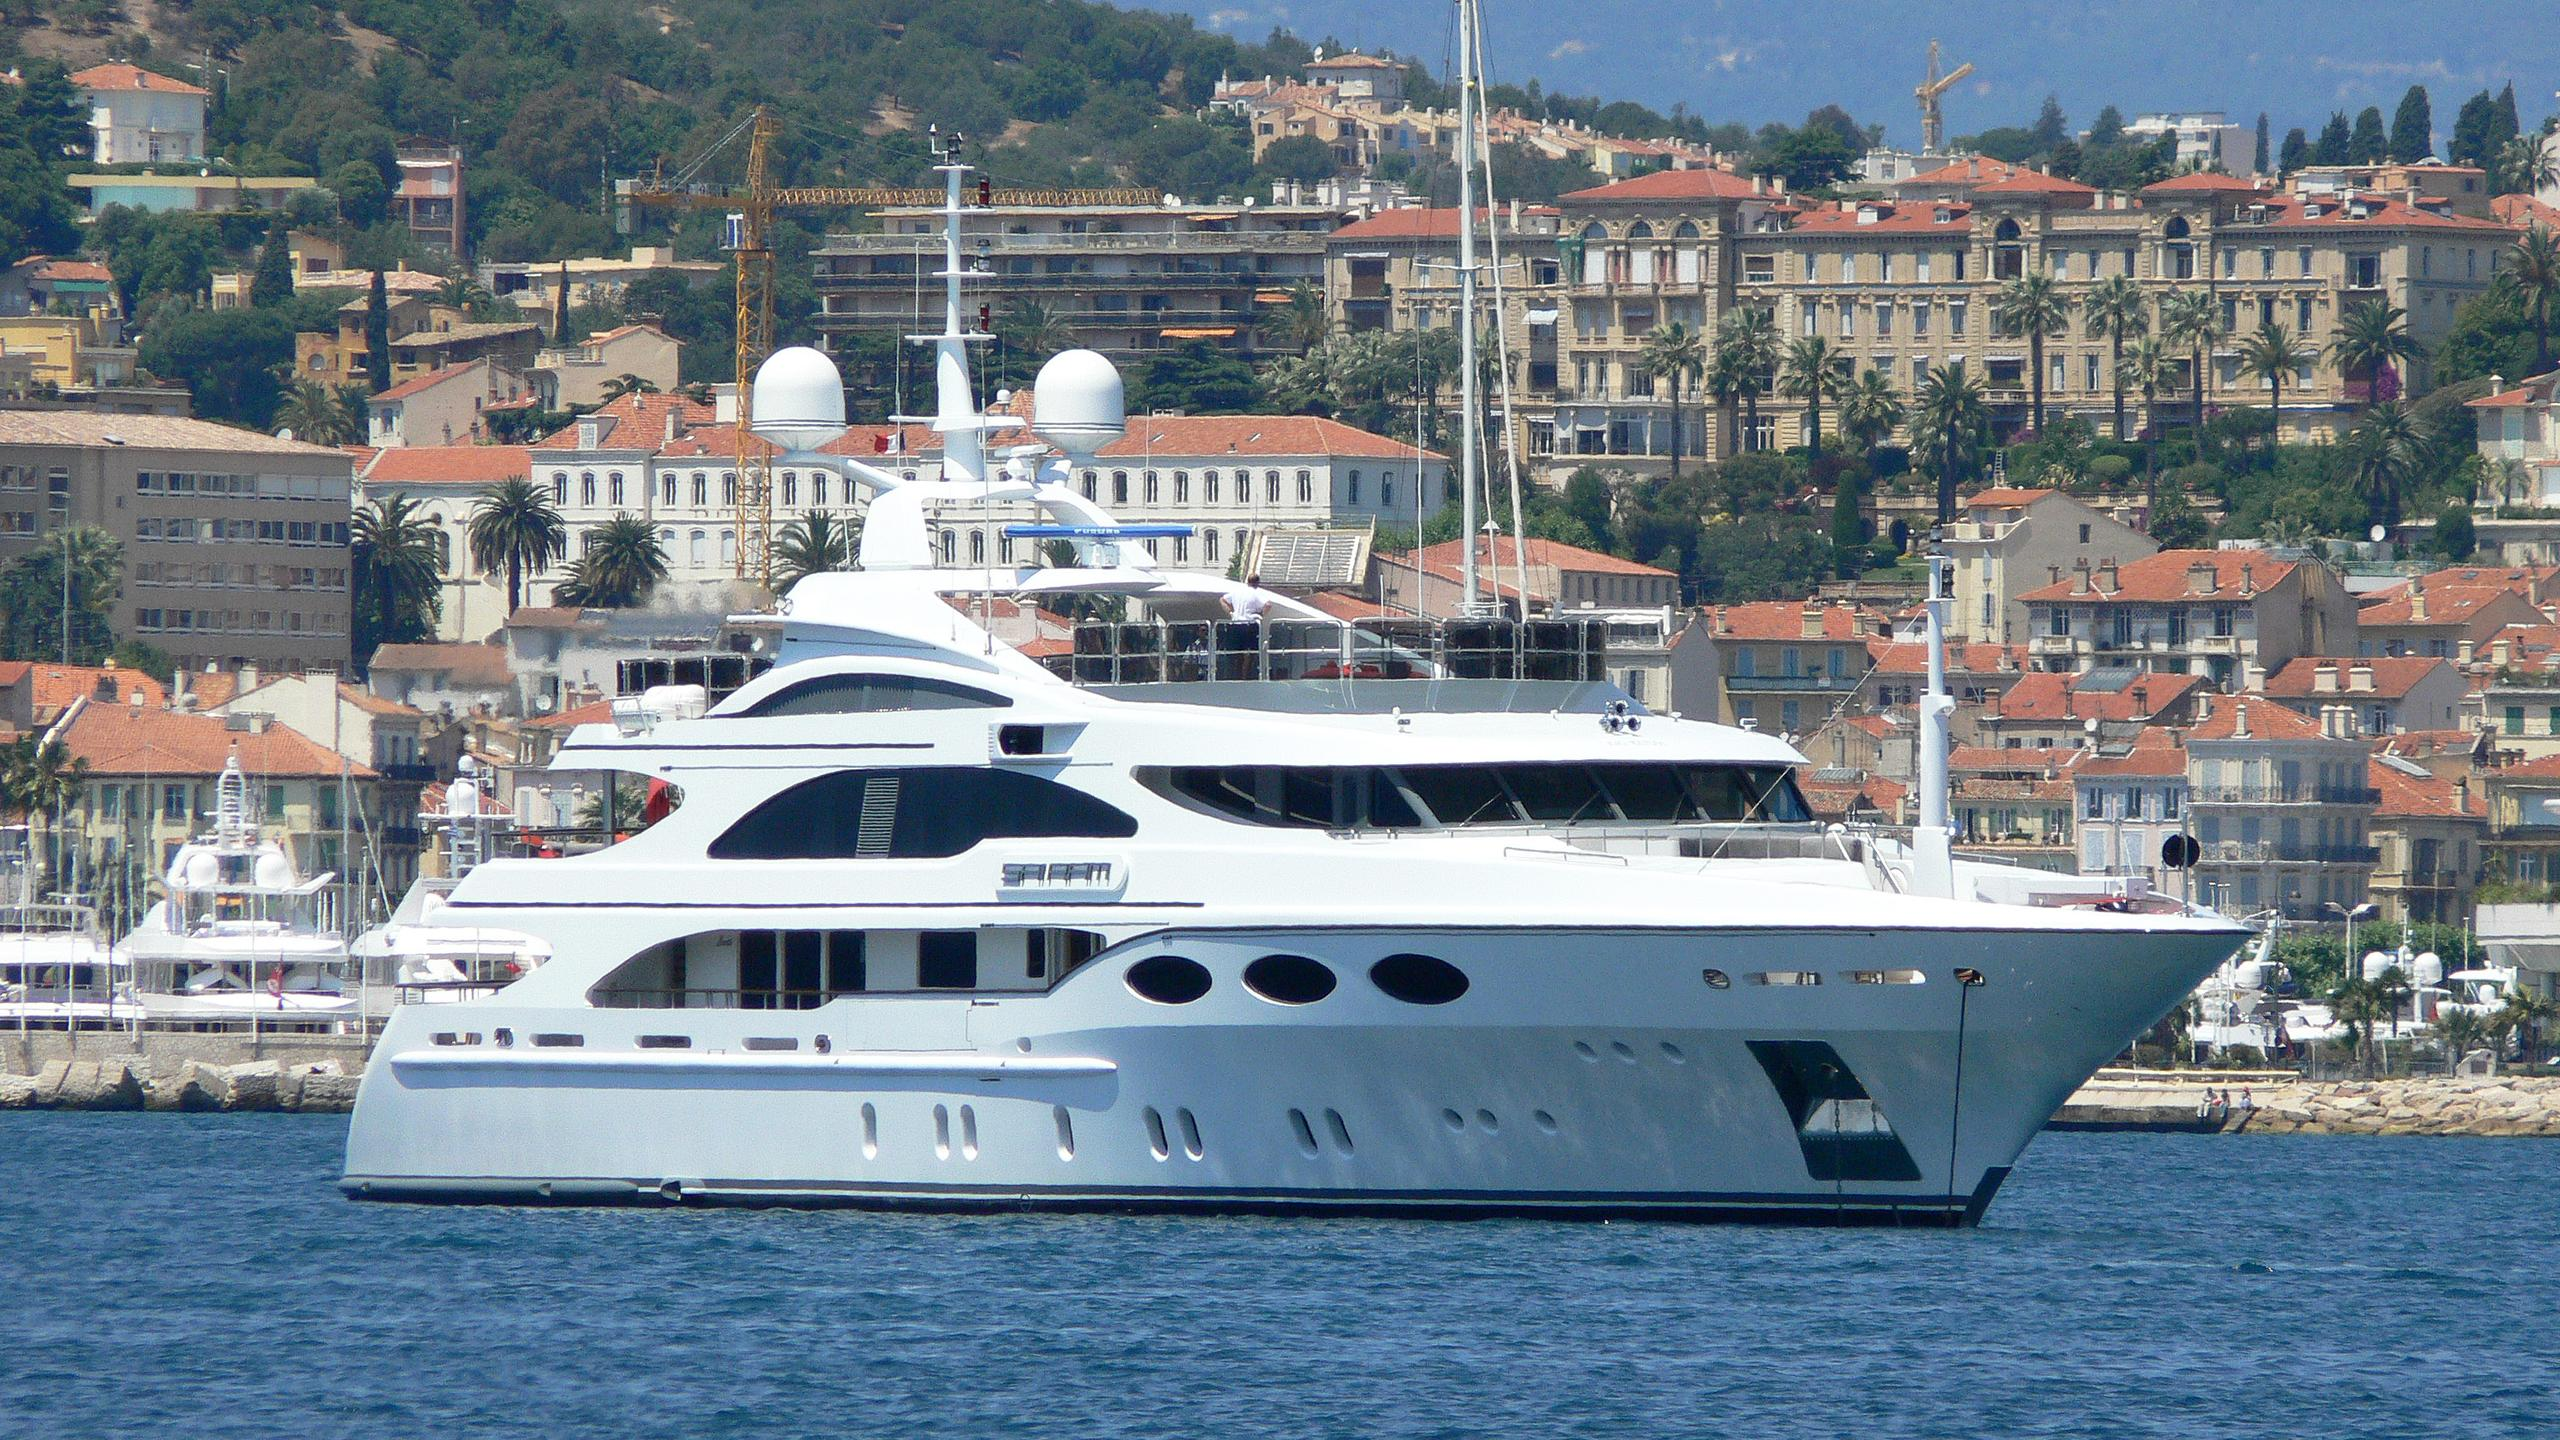 my-falcon-sai-ram-motor-yacht-benetti-2004-52m-half-profile